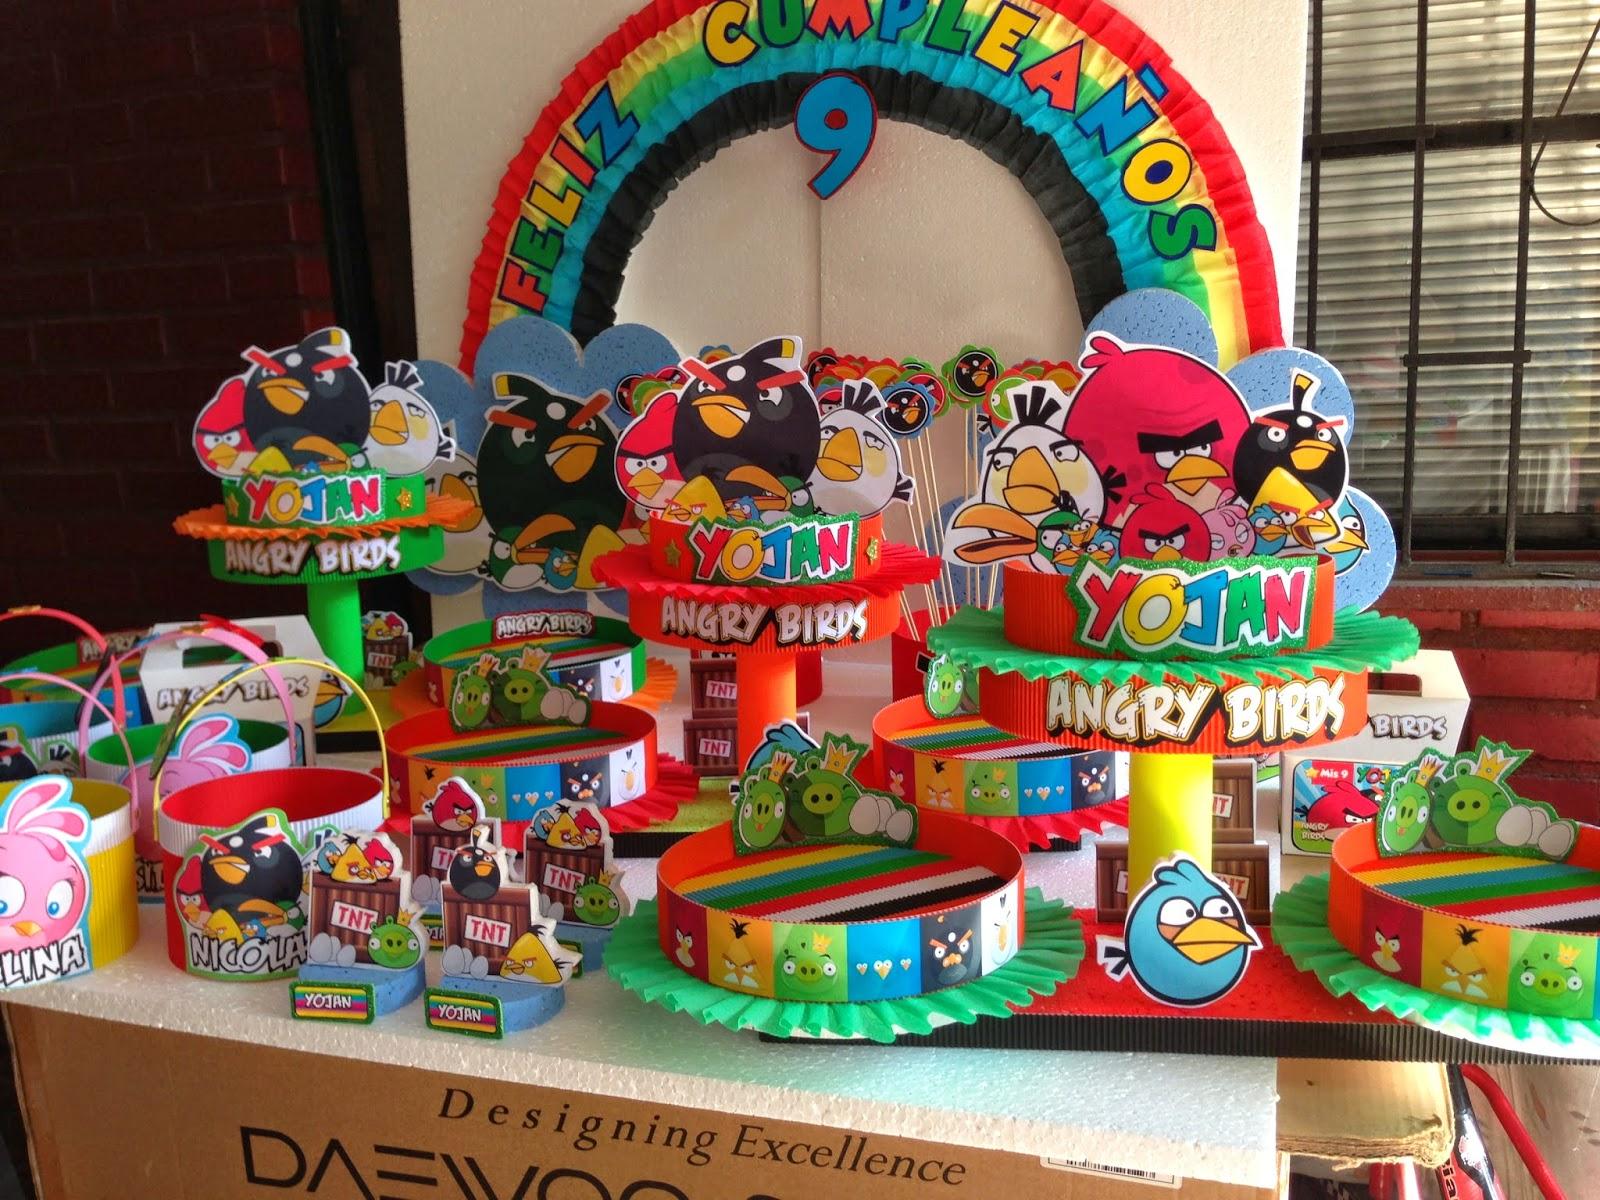 Decoraciones infantiles angry bird for Decoraciones infantiles